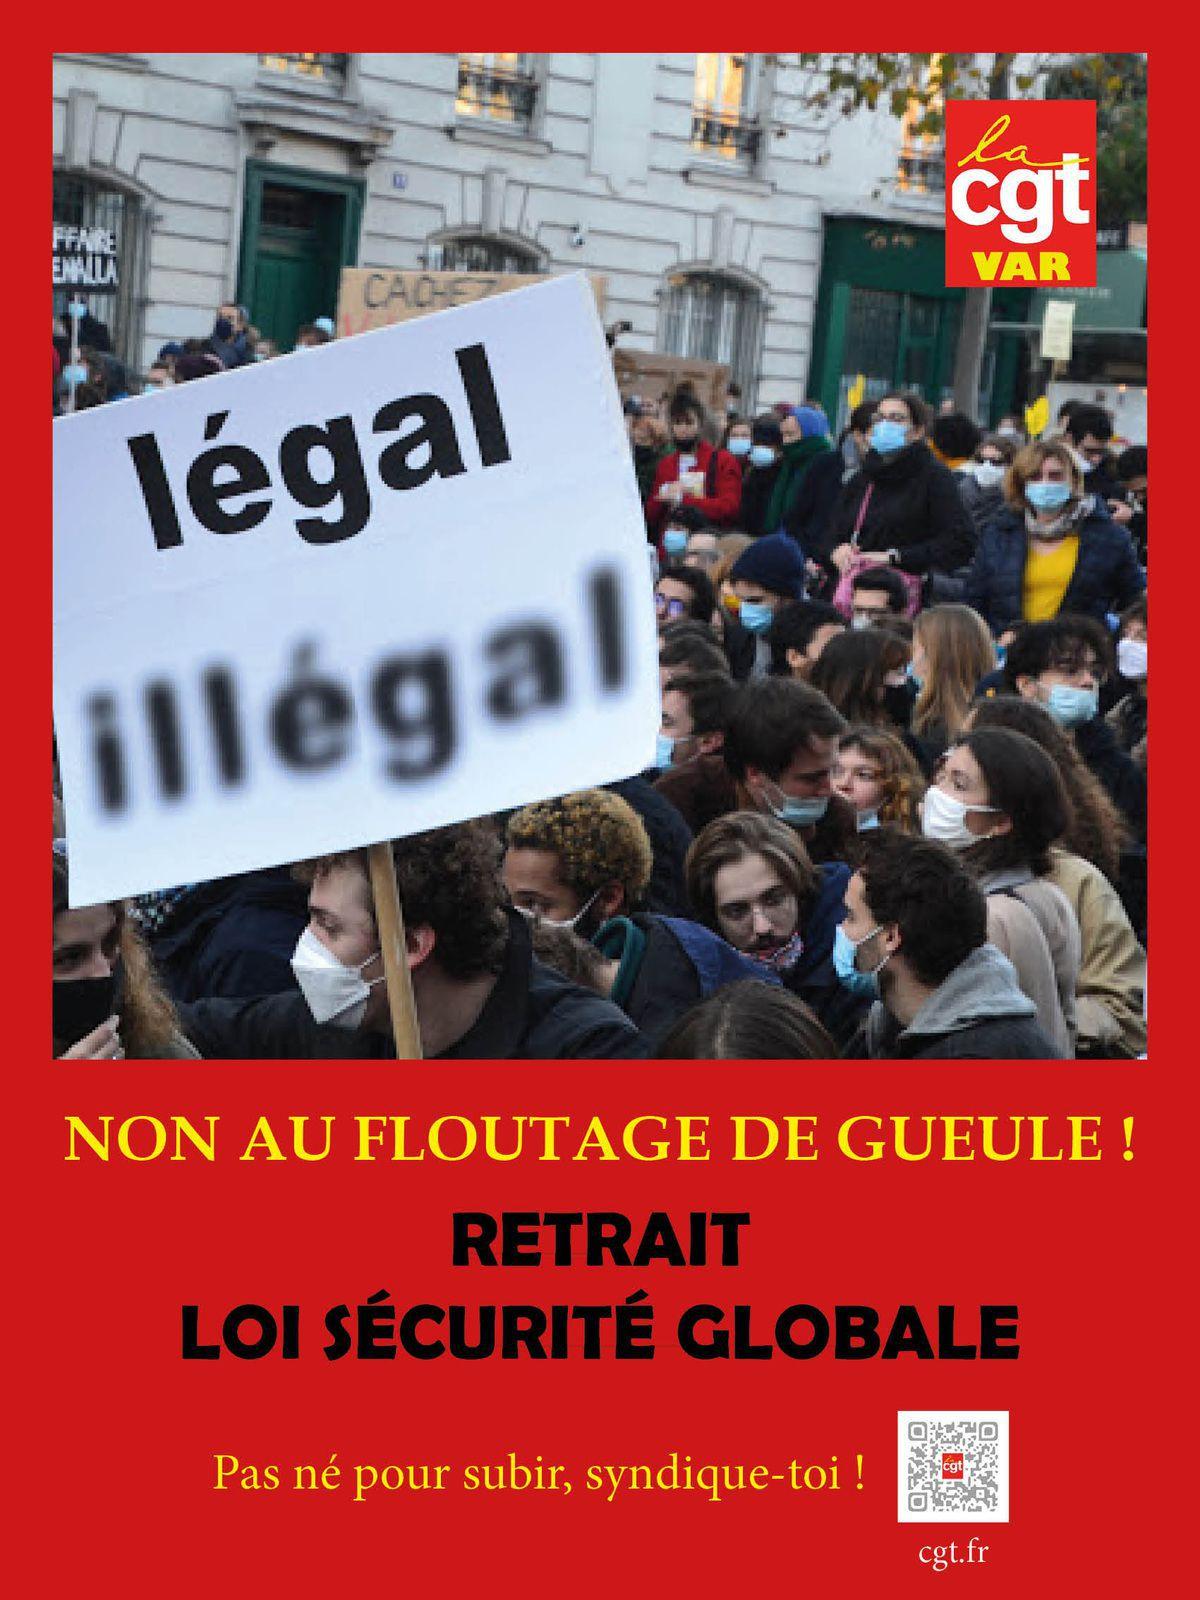 CGT VAR : RETRAIT LOI SECURITE GLOBALE